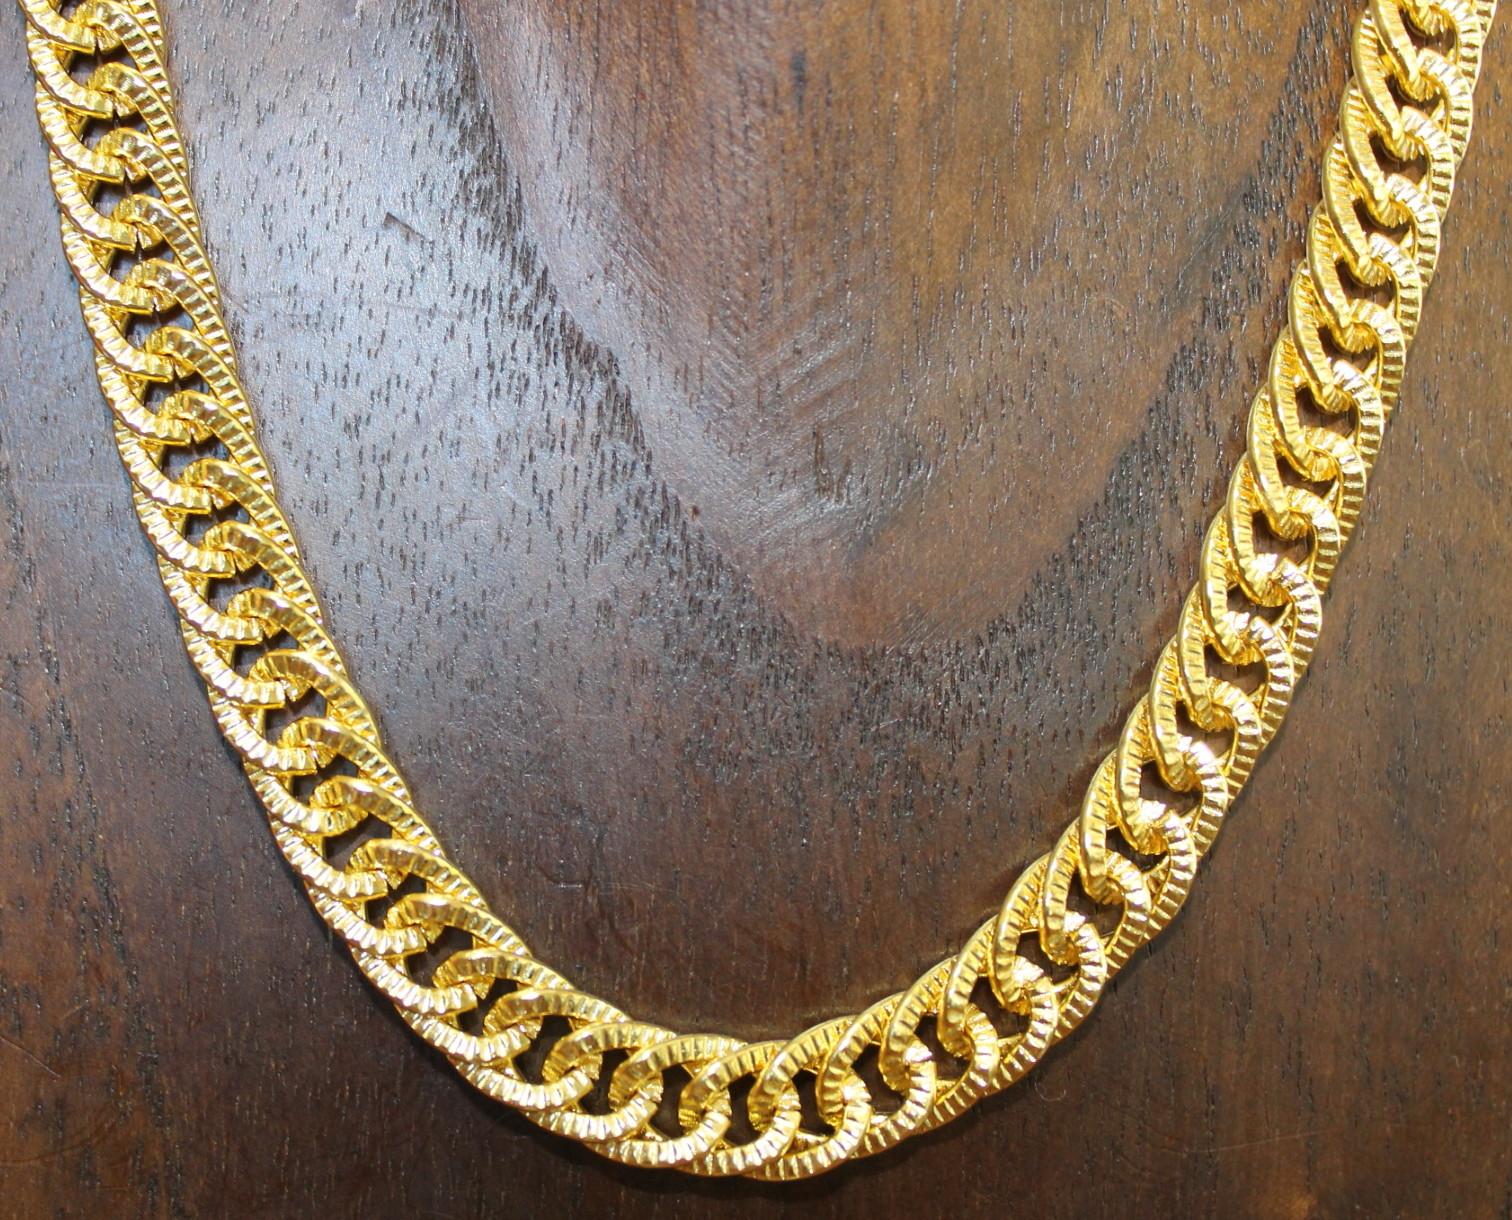 diseño atemporal 87fa2 27b0e Collar de oro muy grueso, original, n2700